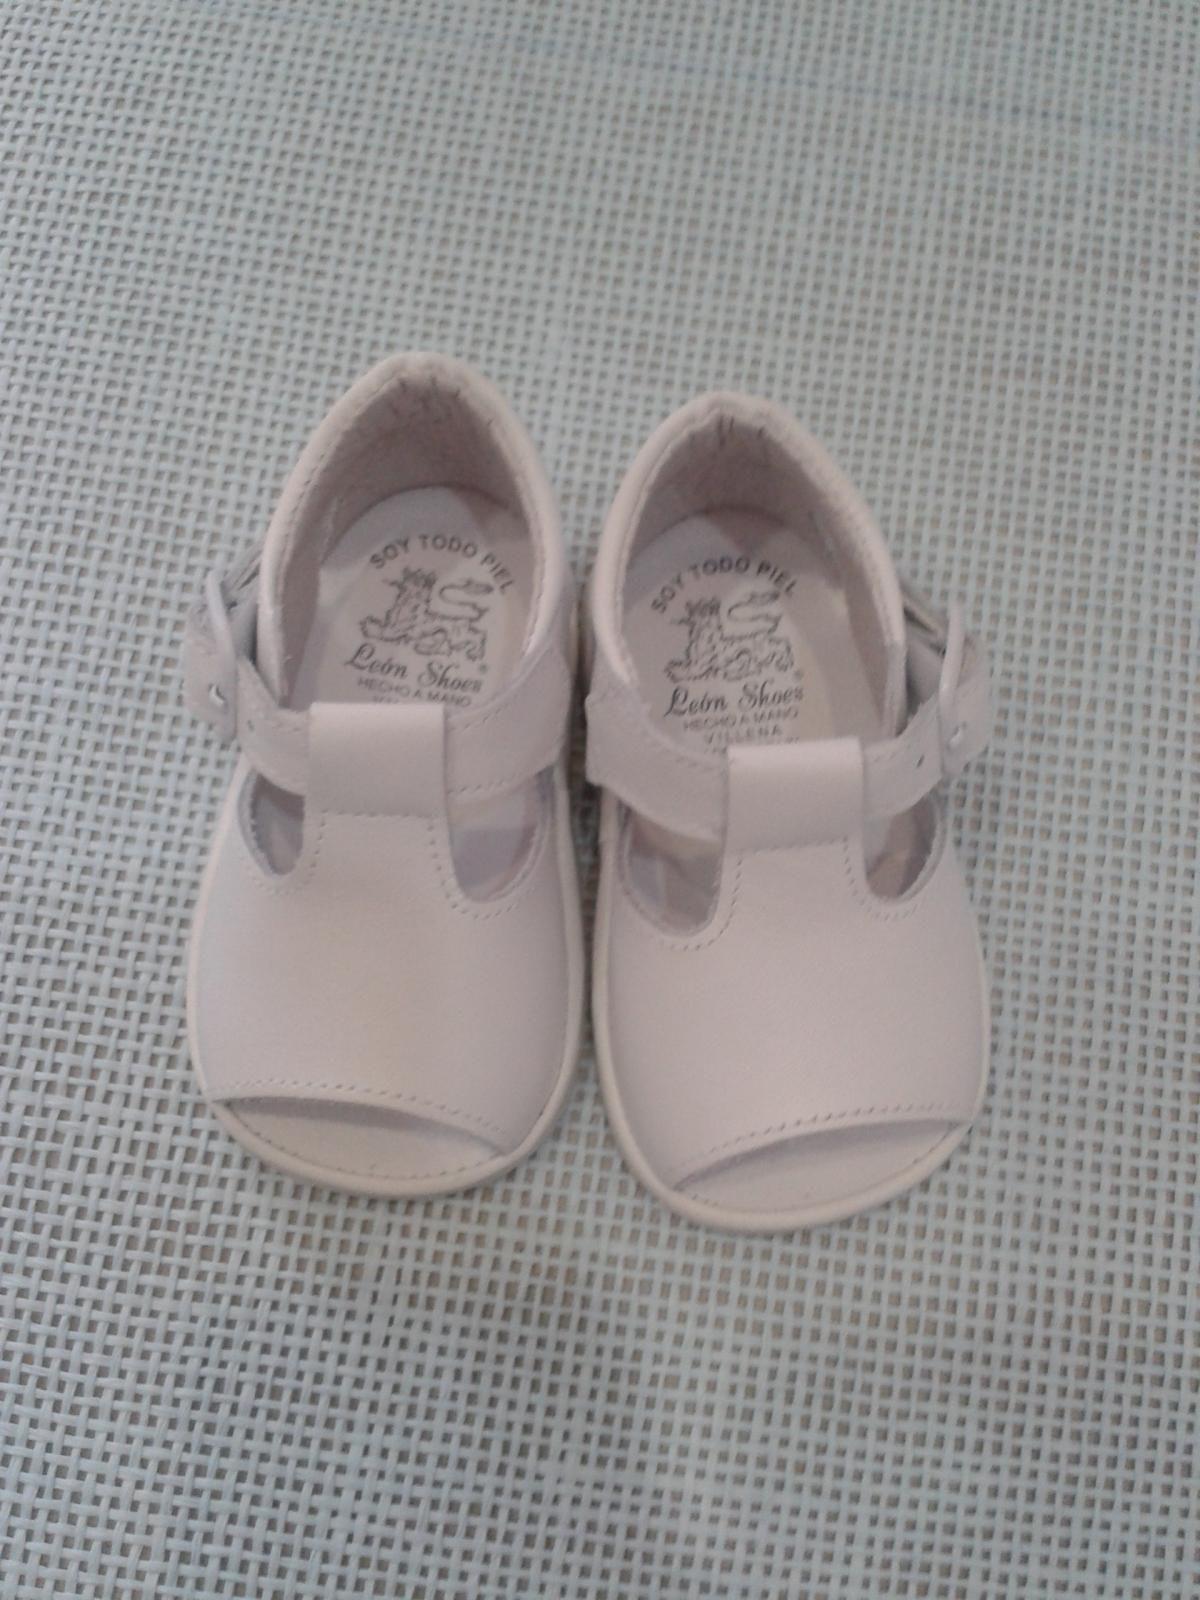 a5b8a4f42ad Sandalia bebe niño piel blanca